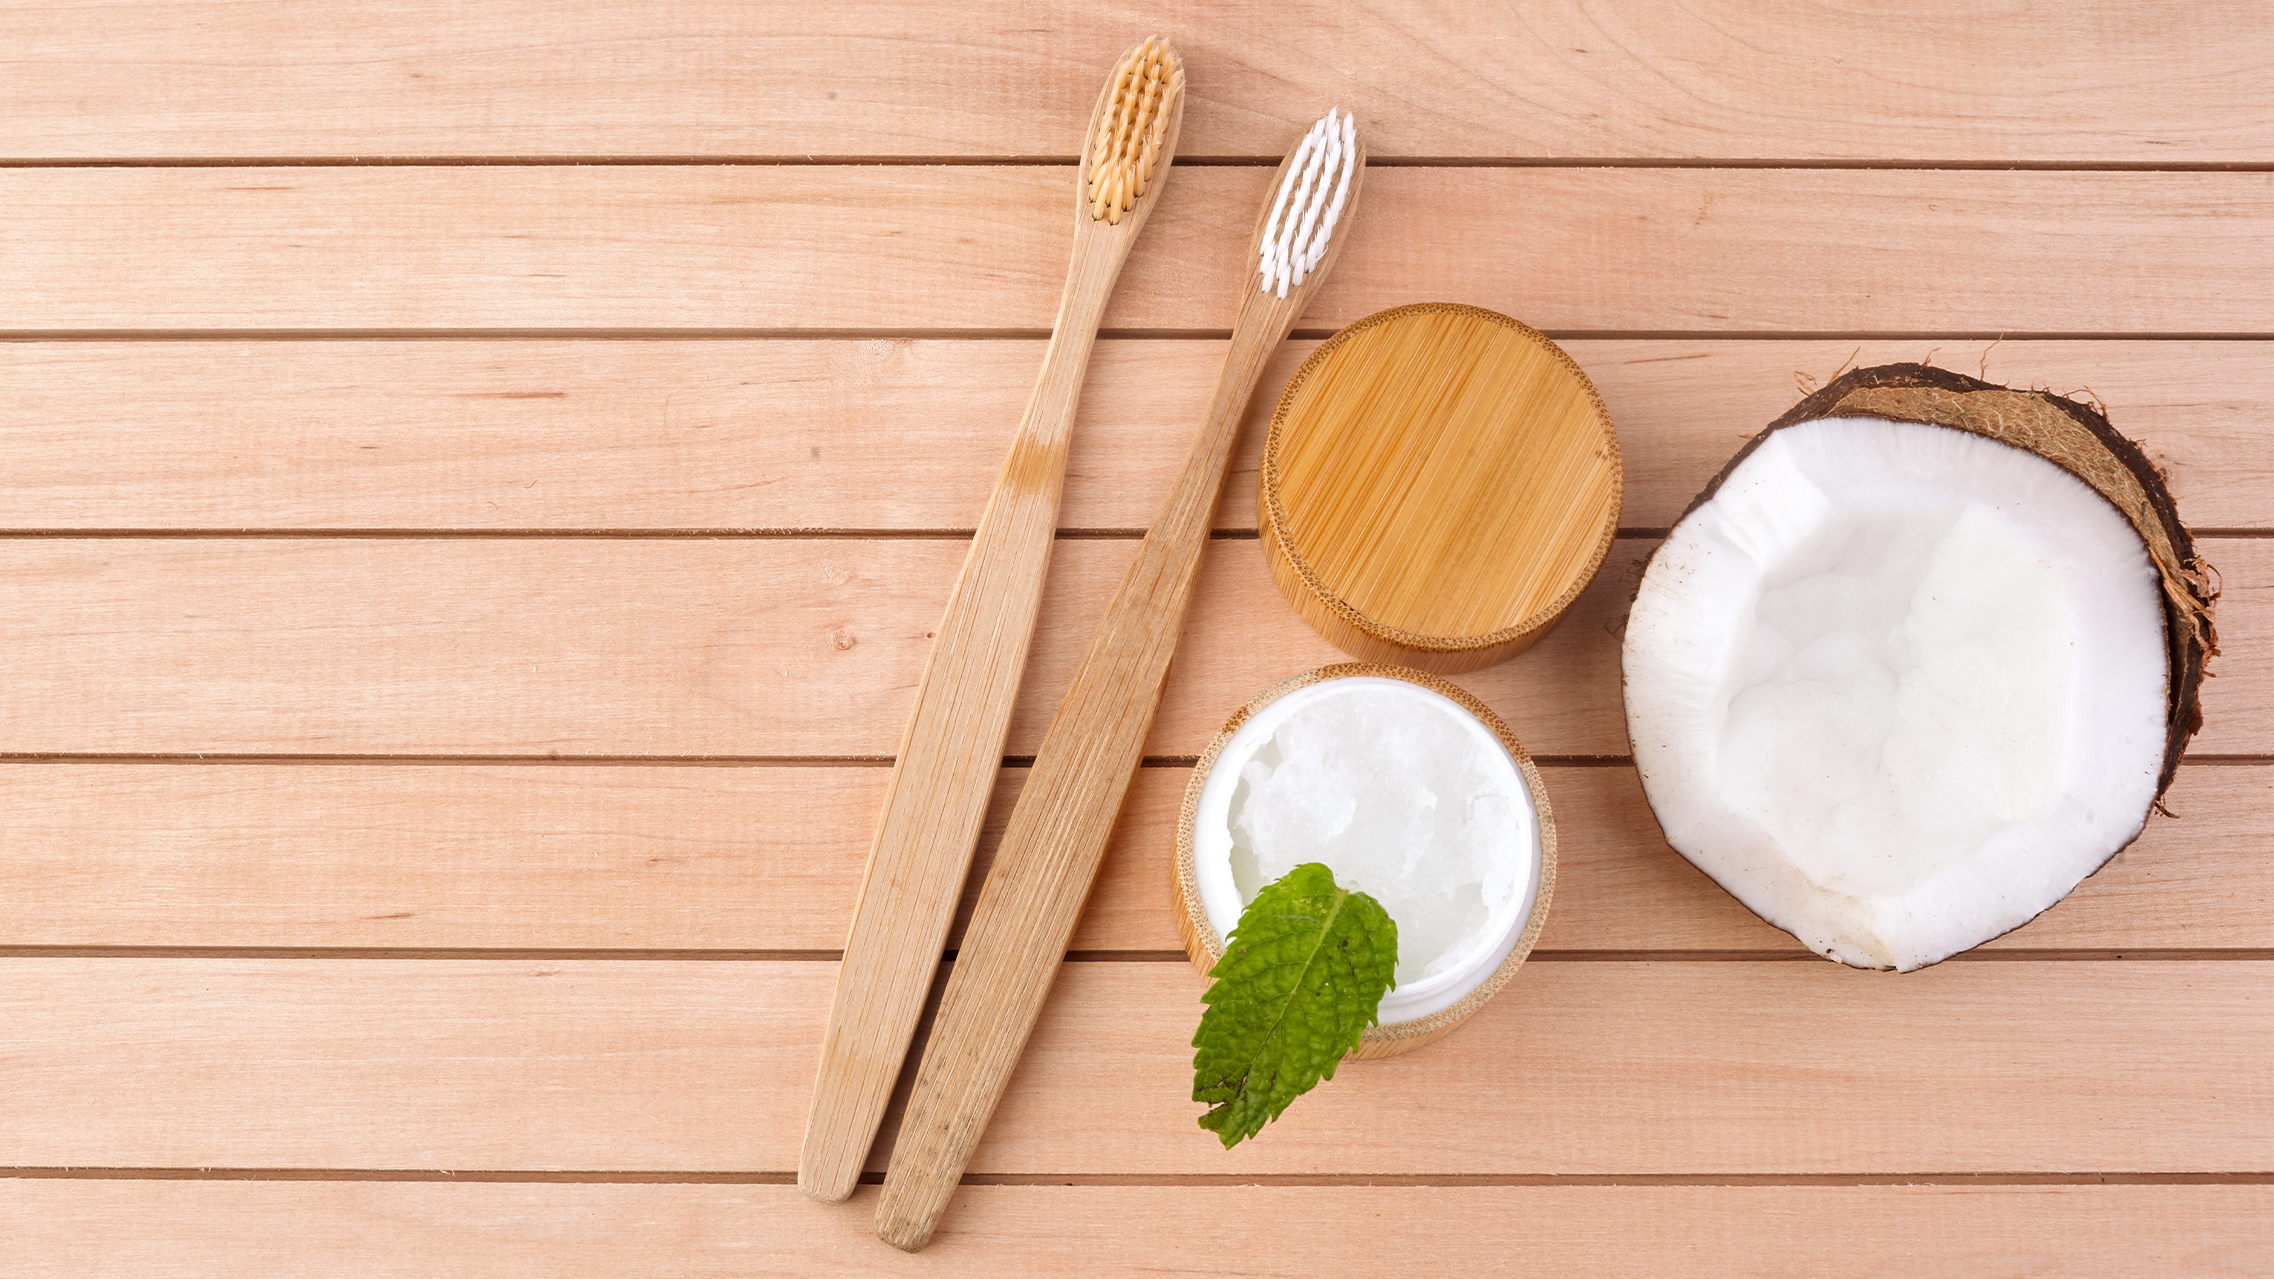 Zahnpflege mit Kokosnussöl — was verbirgt sich hinter dem Trend?